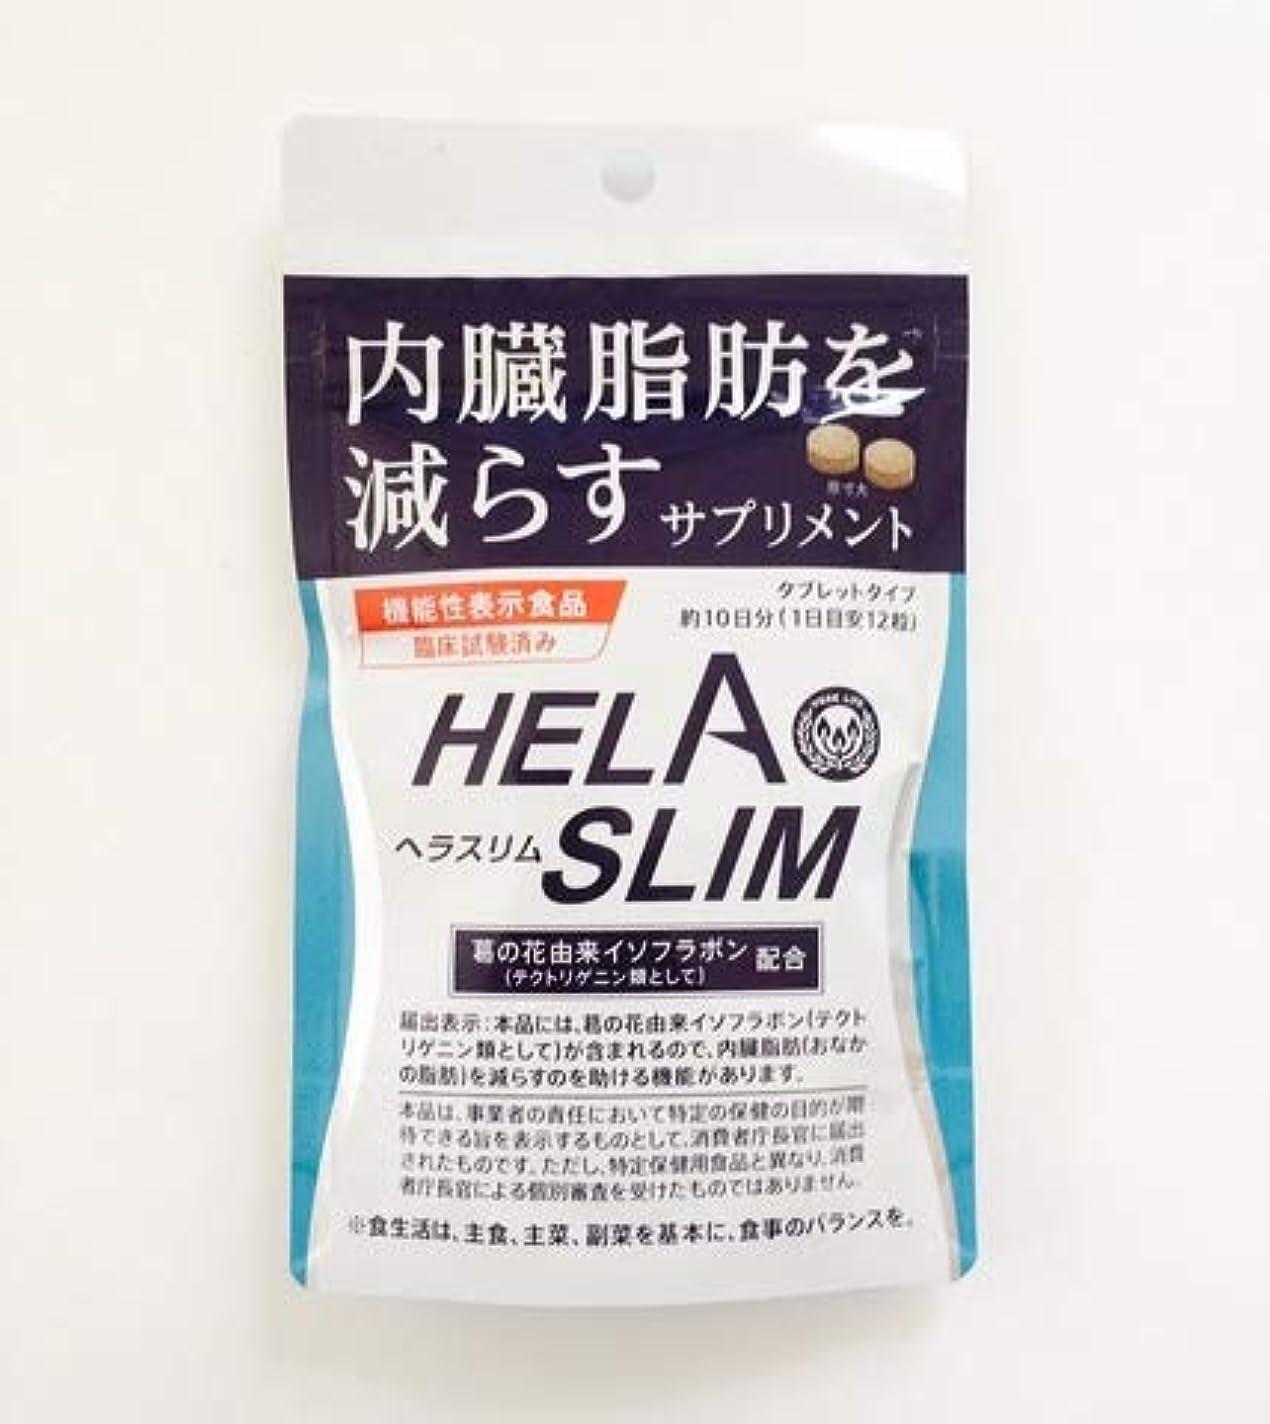 高音マリン眠いですHELASLIM ヘラスリム(120粒入10日分)【機能性表示食品】